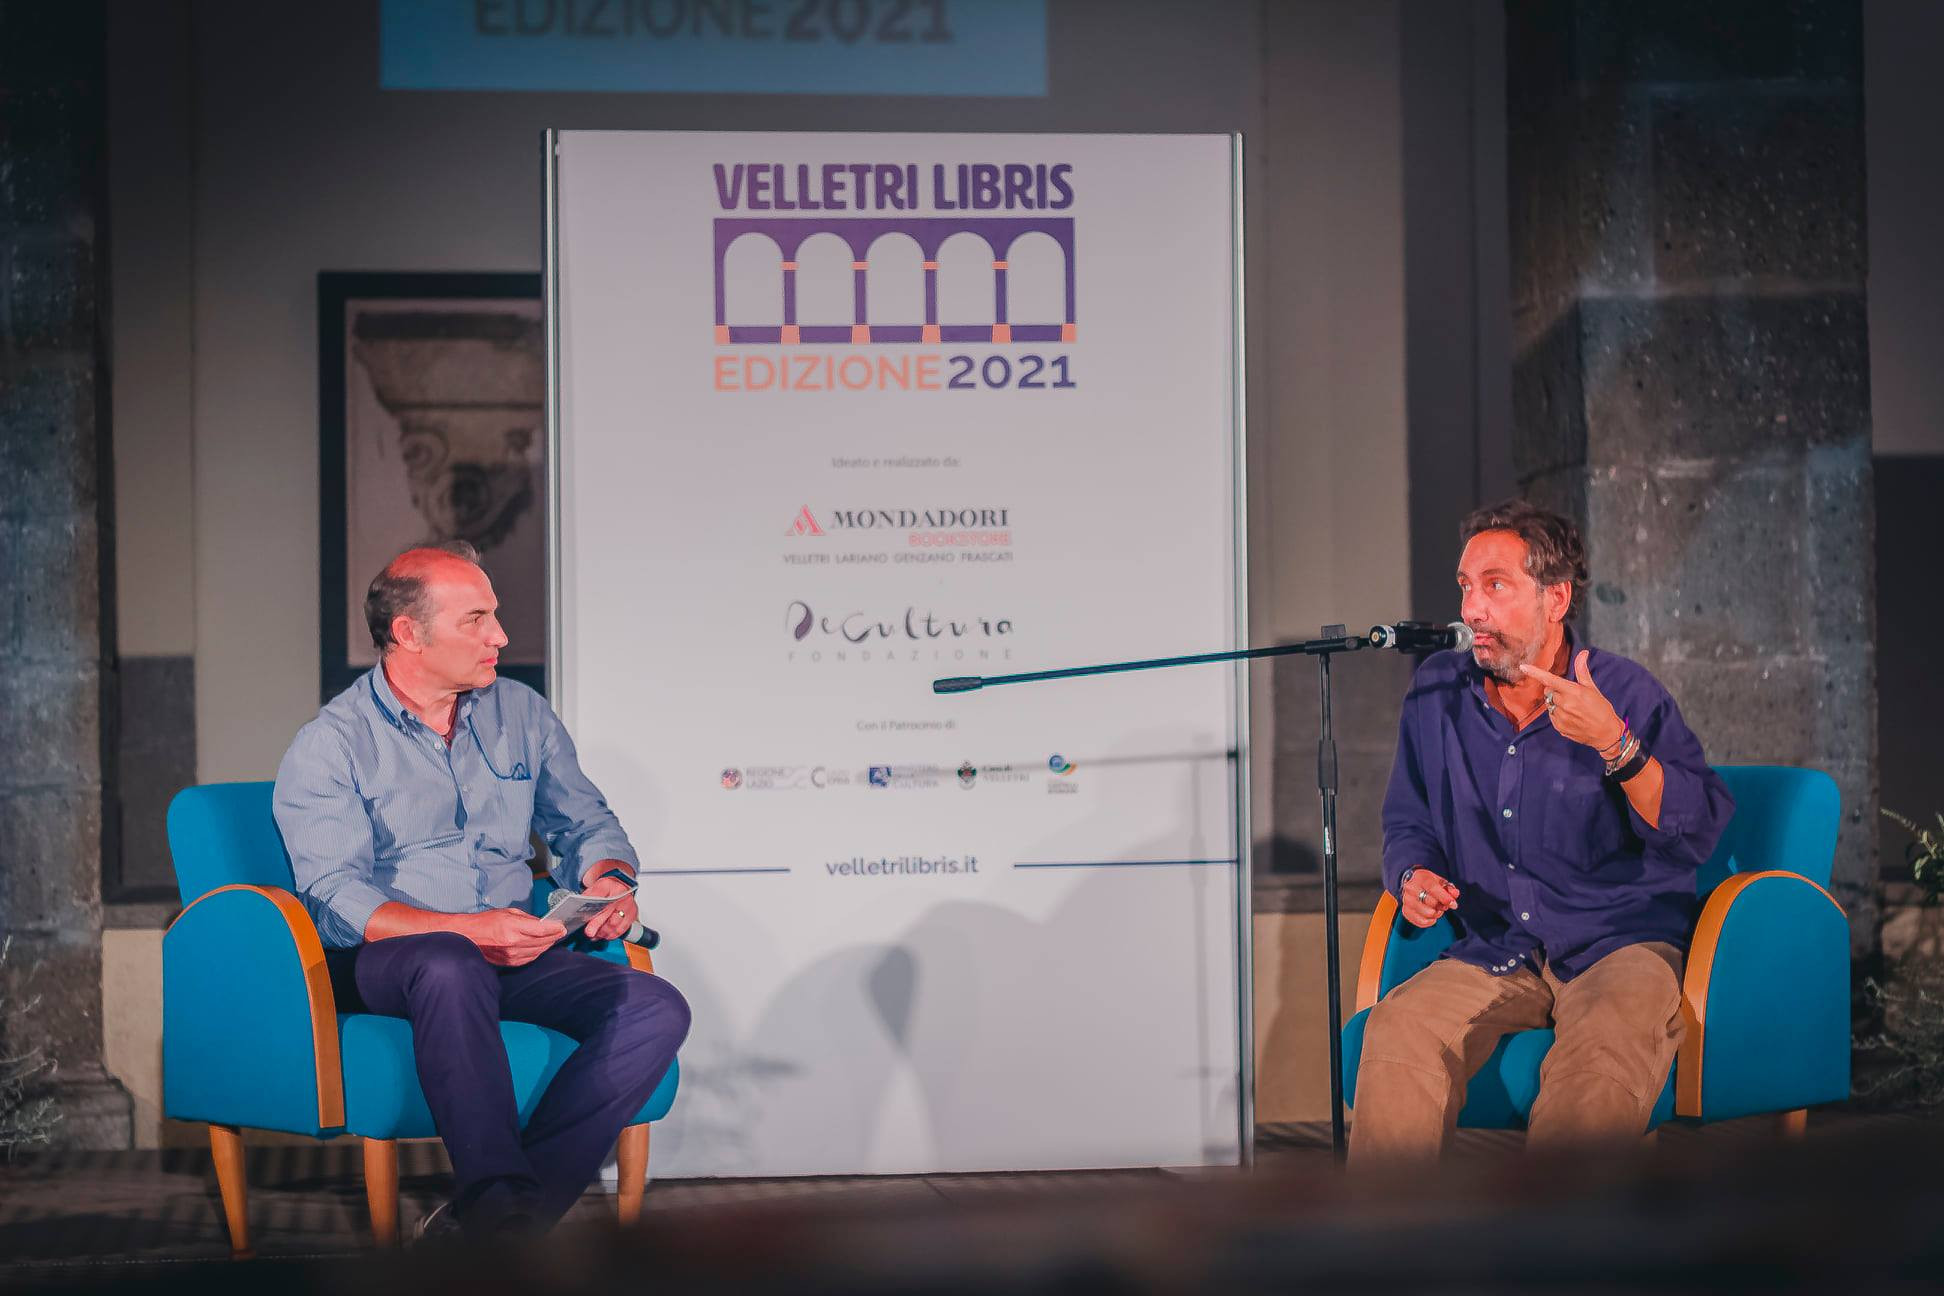 """Velletri, Mario Tozzi e lo scomodo equilibrio tra uomini e virus: """"Vogliamo combattere una guerra inutile"""""""